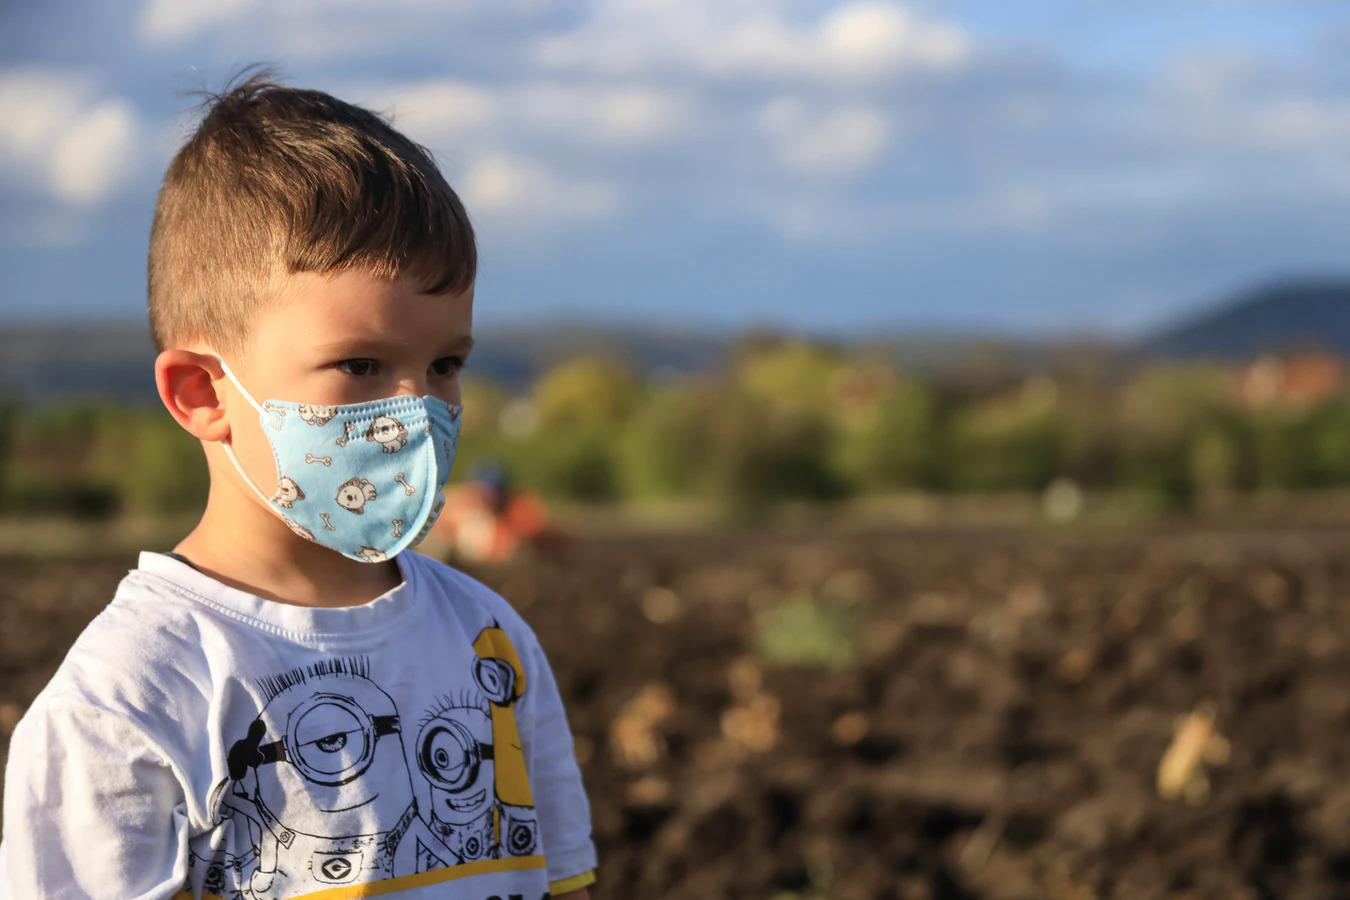 Video: No pirmdienas arī bērniem sabiedriskajā transportā būs jālieto sejas maskas